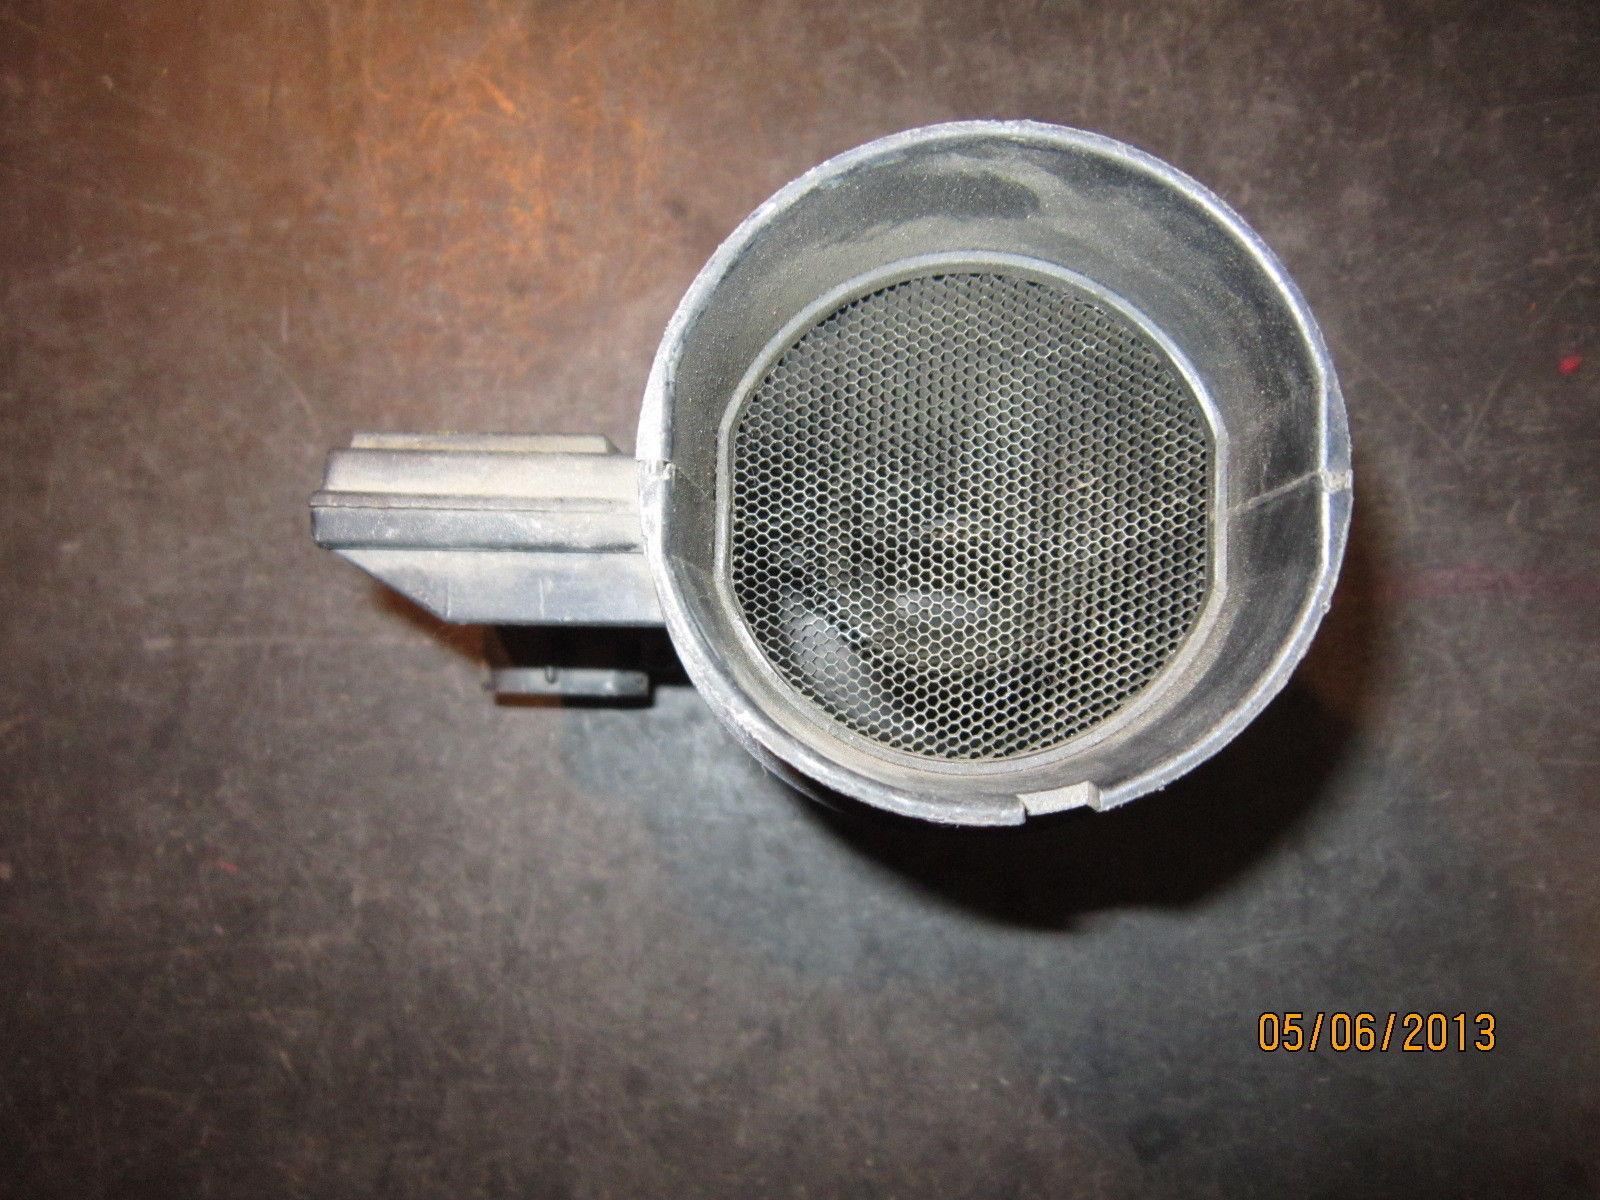 1987 PARK AVE  3.8L  AIR FLOW SENSOR